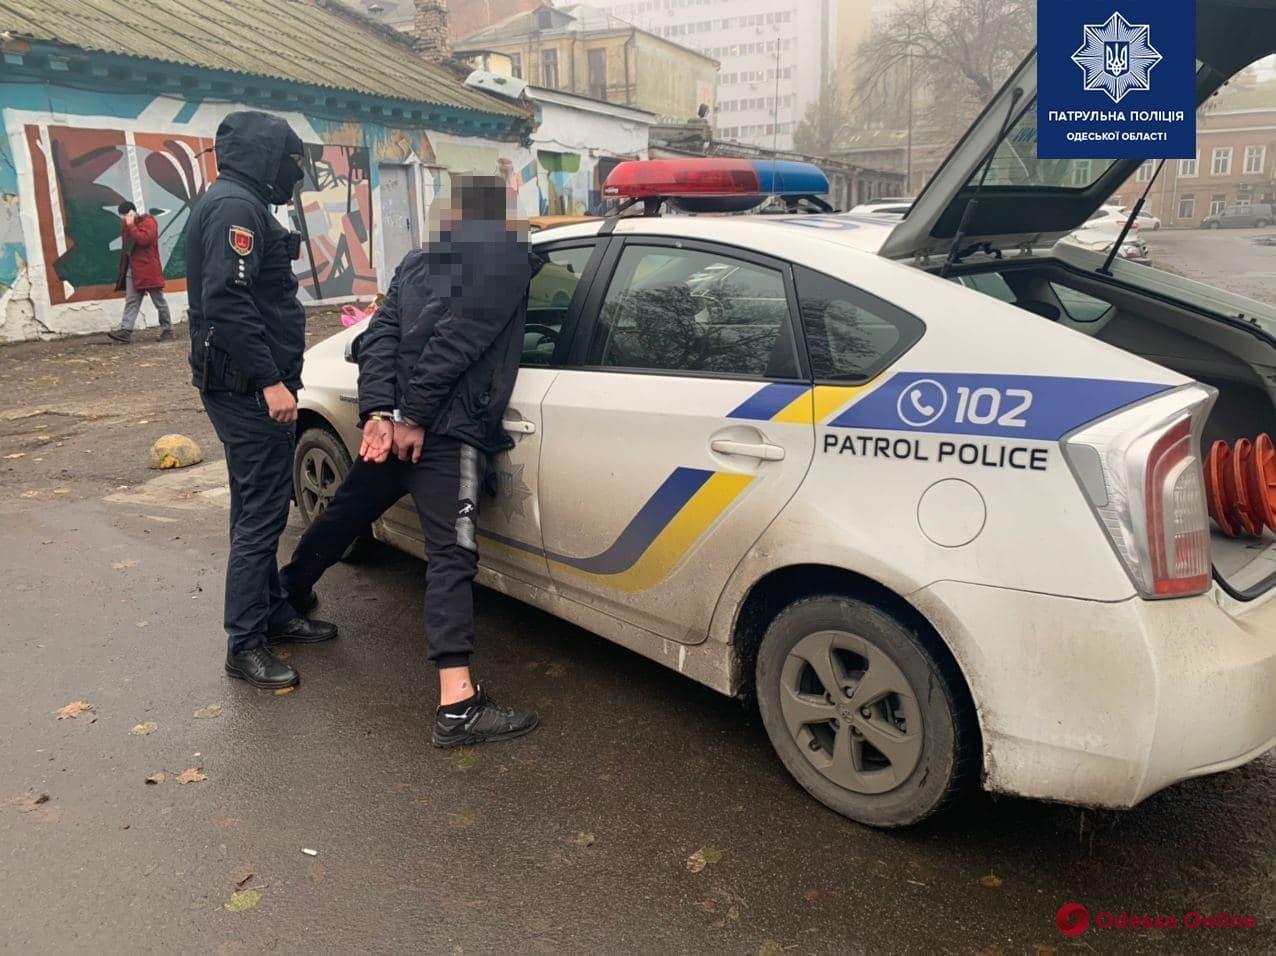 В центре Одессы закладчик «под кайфом» пытался сбежать от патрульных